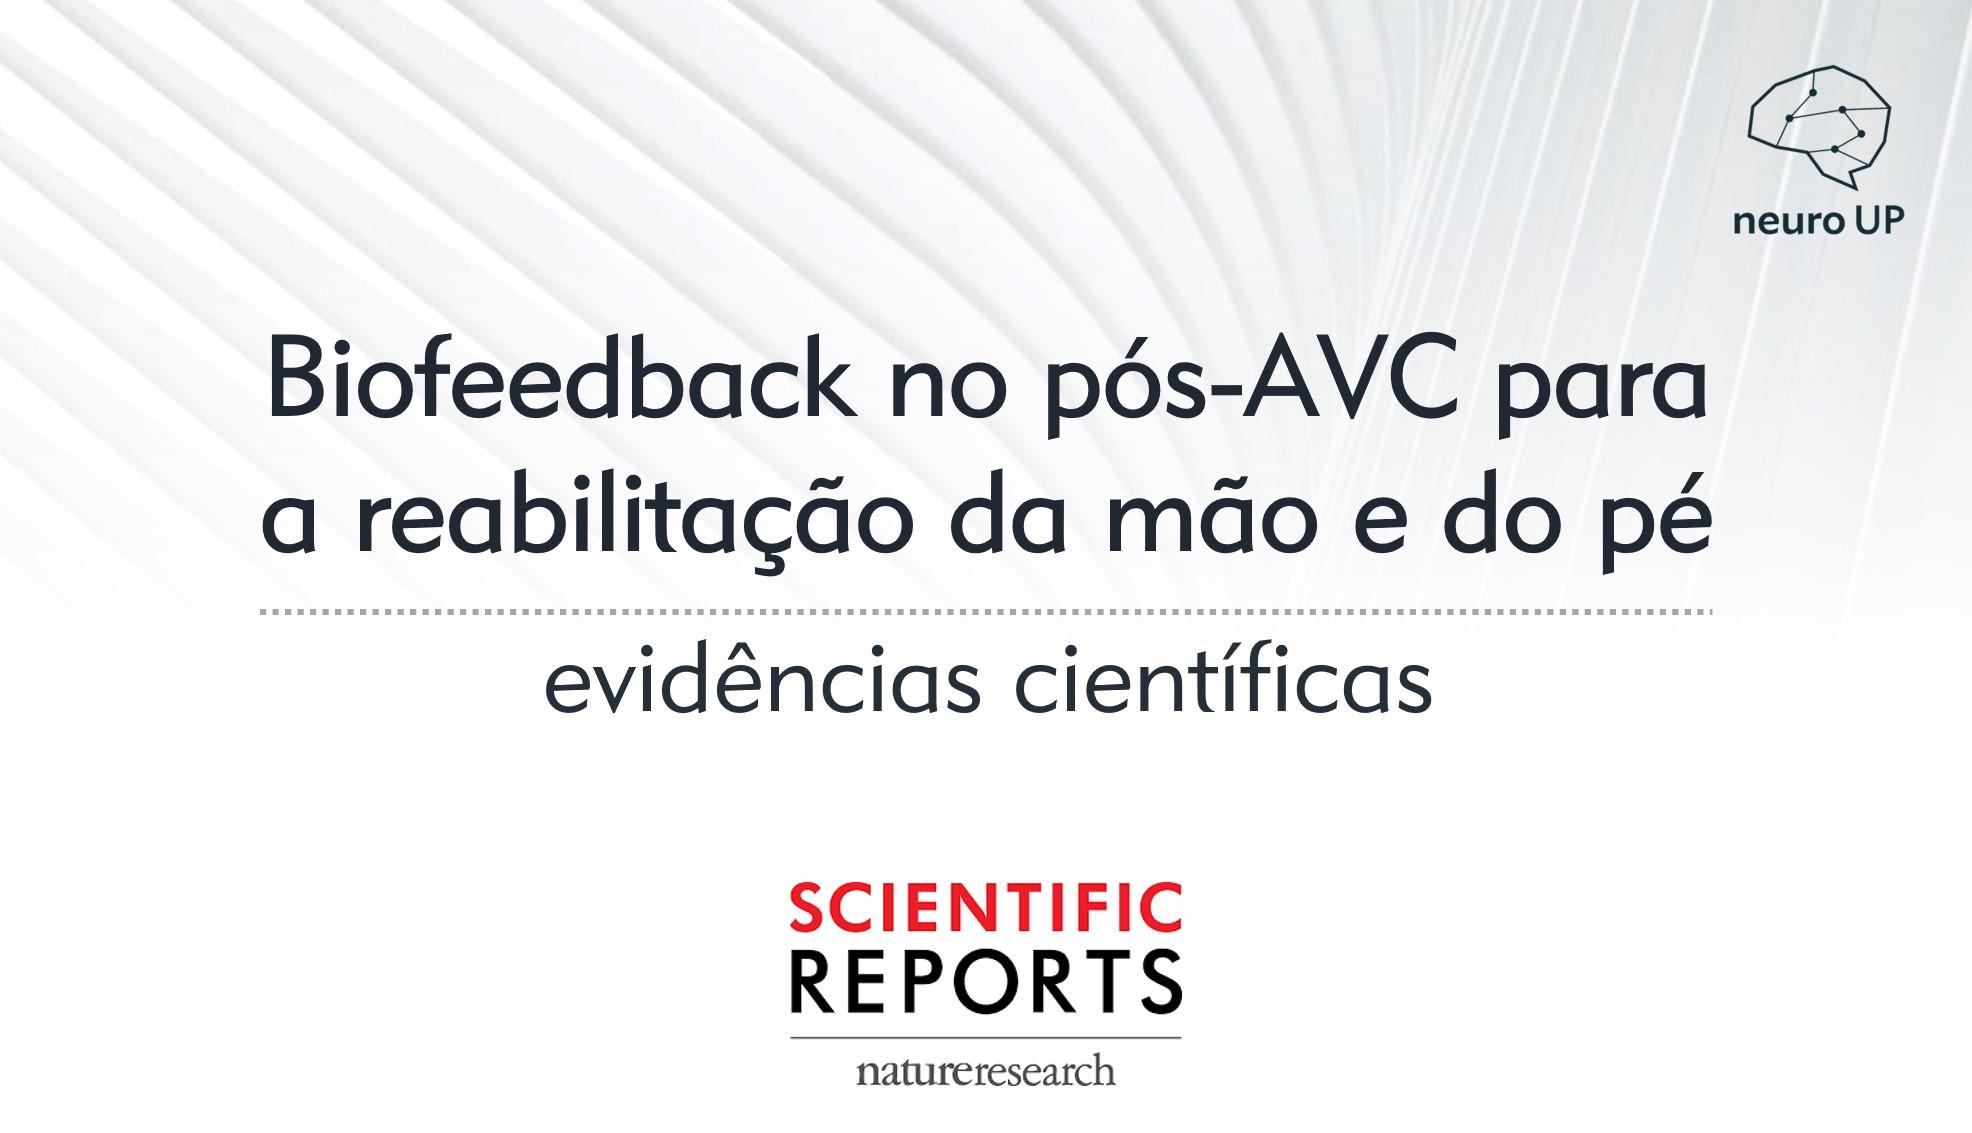 Evidências científicas | Biofeedback no pós-AVC para o treinamento da mão e do pé